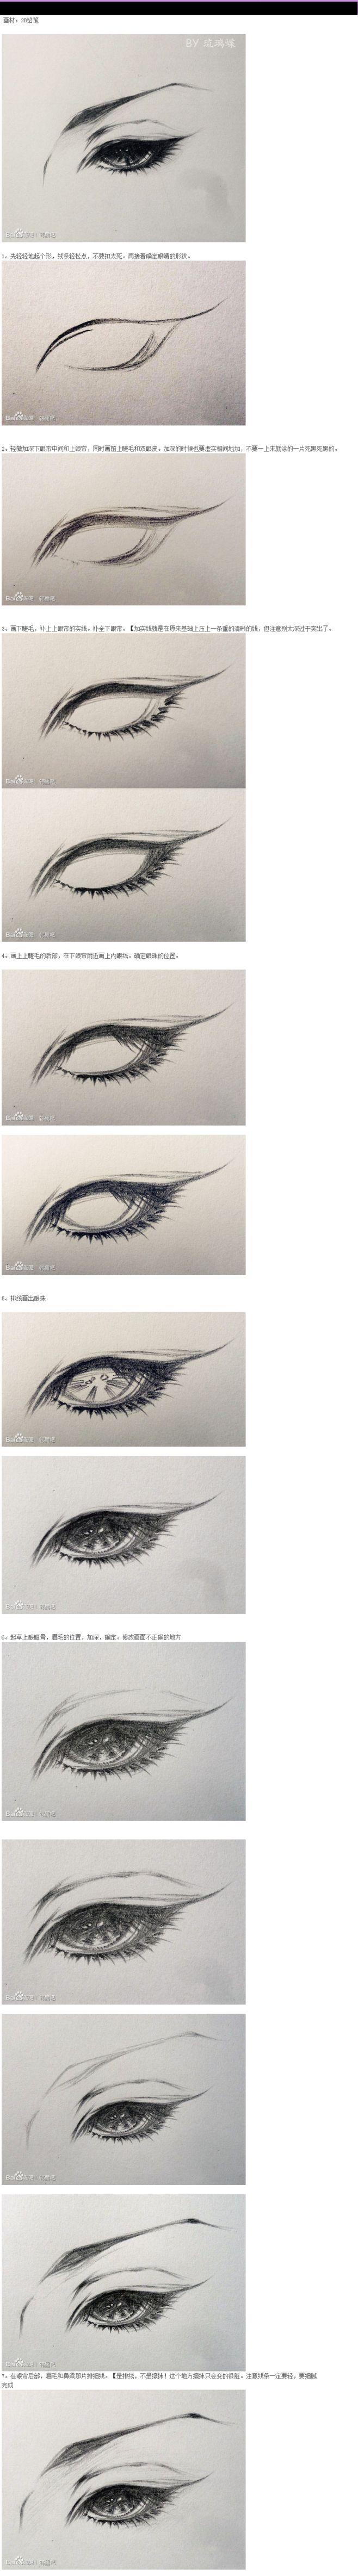 【教程】画眼睛的教程和一些关于线条的技法…